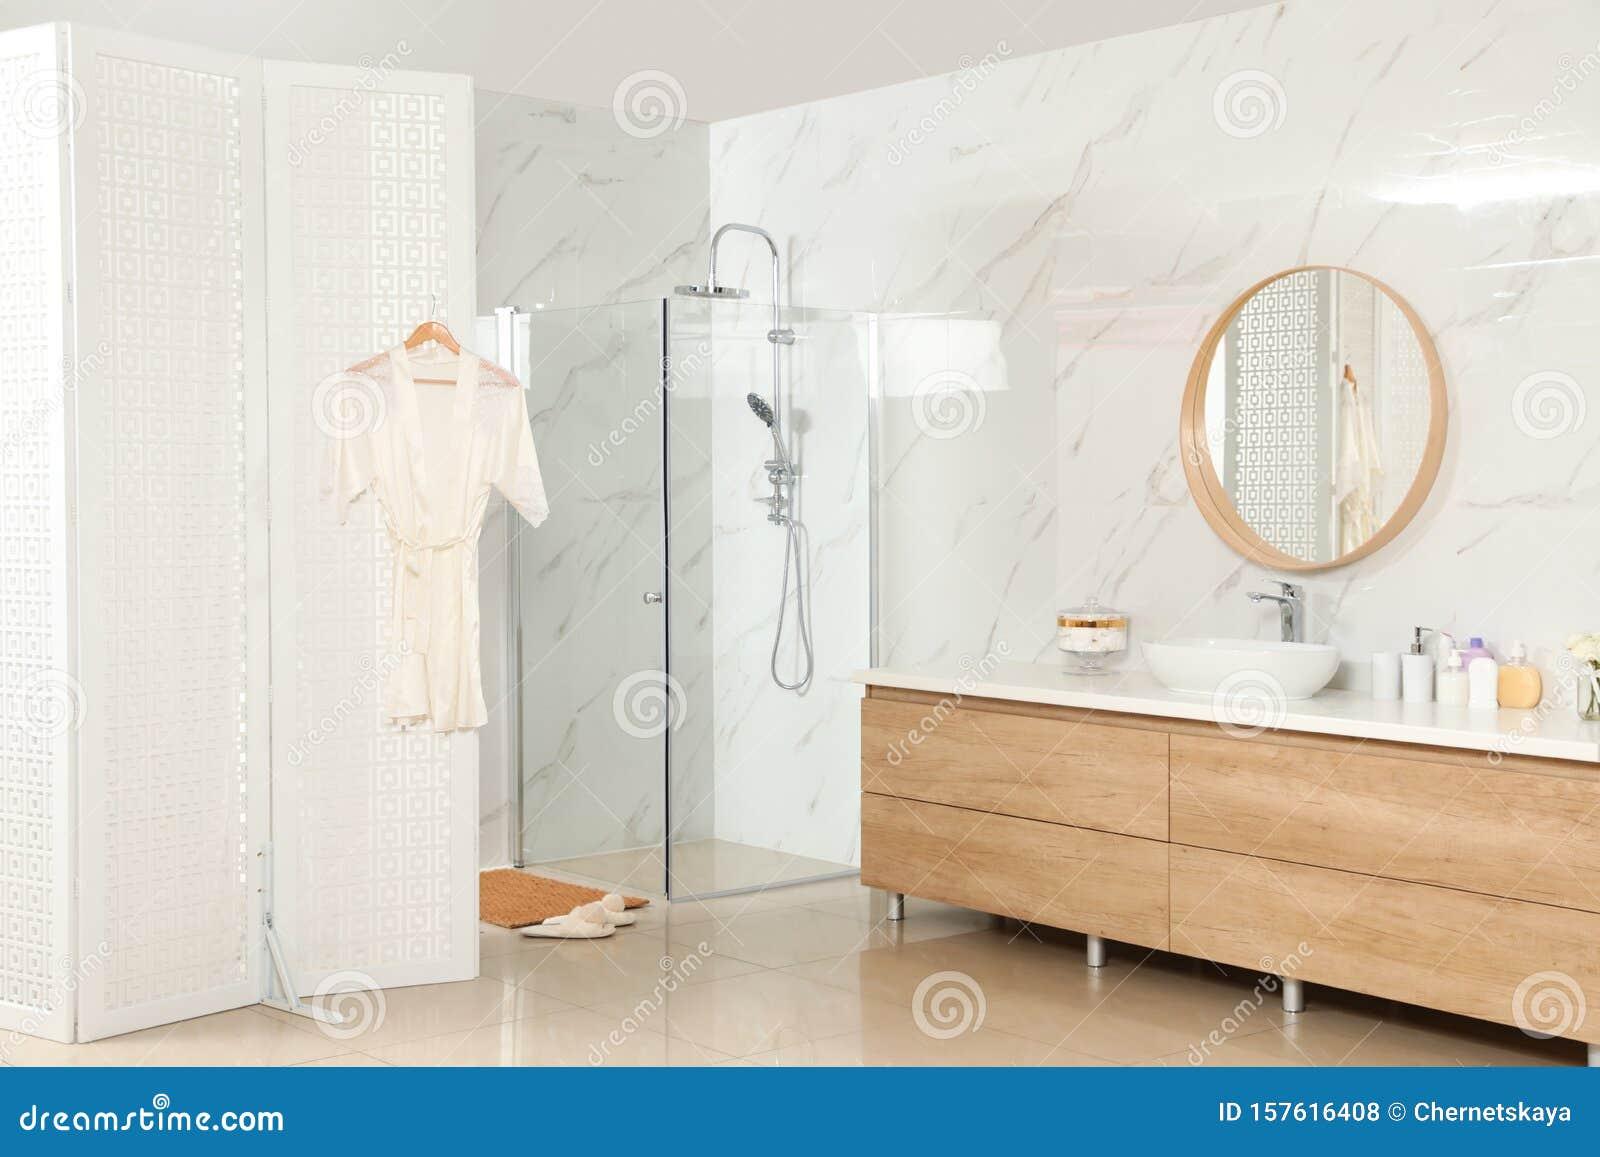 Decoration Moderne Avec Etal De Douche Et Paravent Photo Stock Image Du Etal Douche 157616408